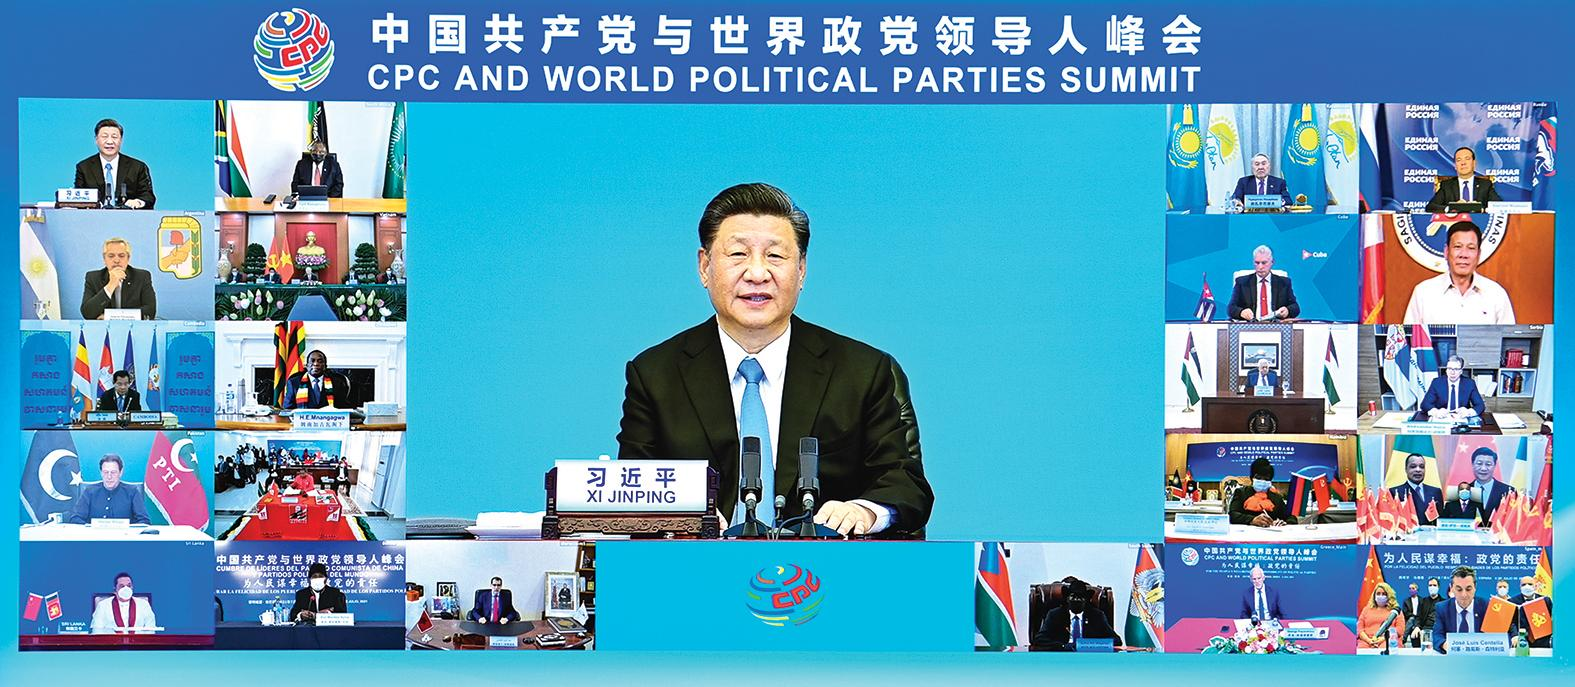 Xi Jinping, secretario general del Comité Central del PCCh y presidente chino, asiste a la Cumbre Mundial de Partidos Políticos y del PCCh y pronuncia un discurso de apertura en Beijing, el 6 de julio de 2021. Foto: Xinhua / Li Xiang